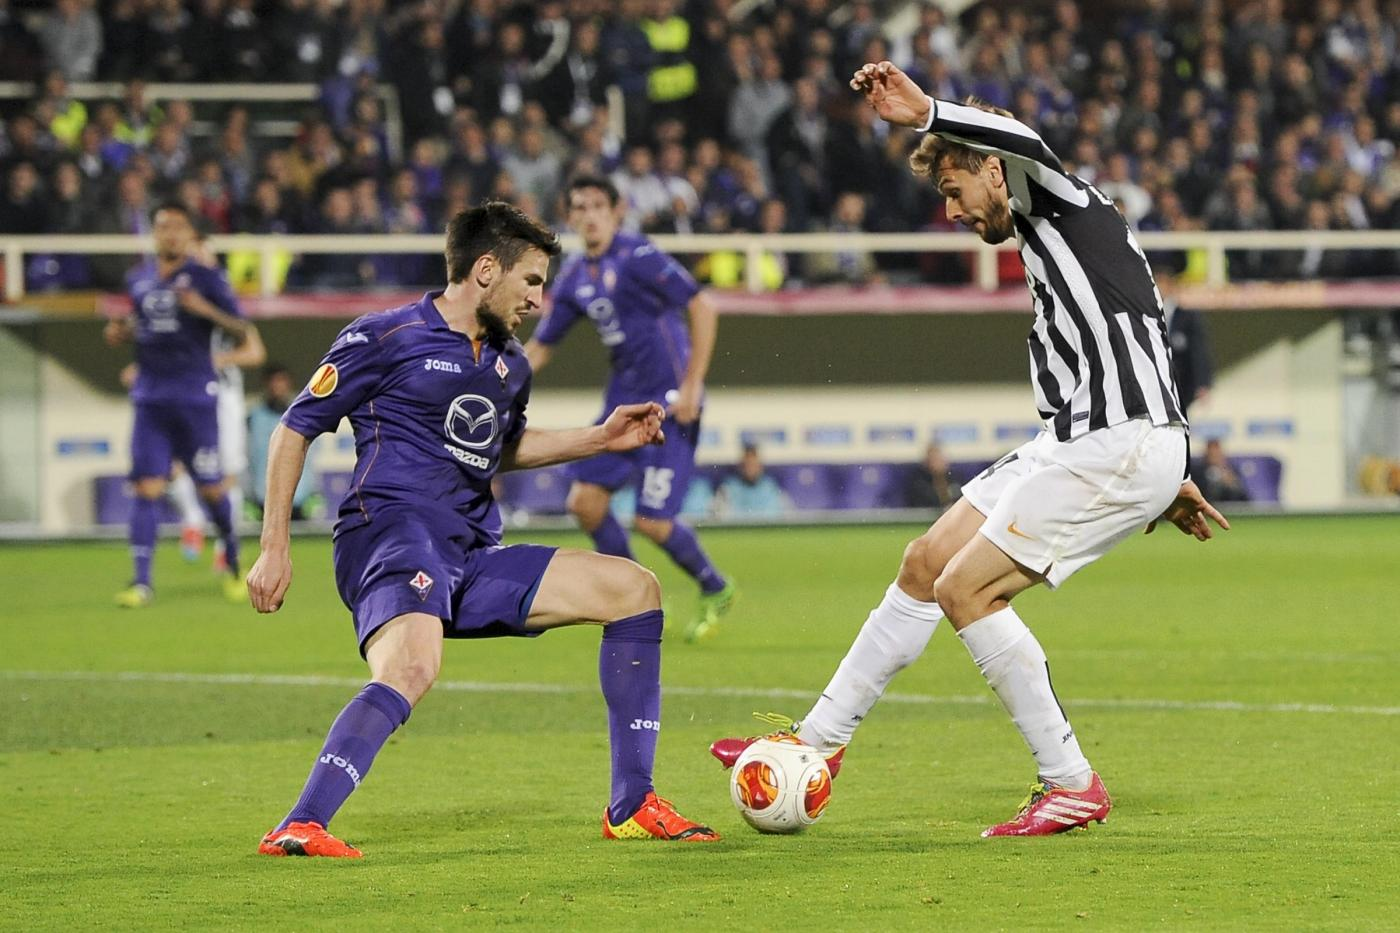 Fiorentina vs Juventus 0-0: bianconeri rallentati a Firenze